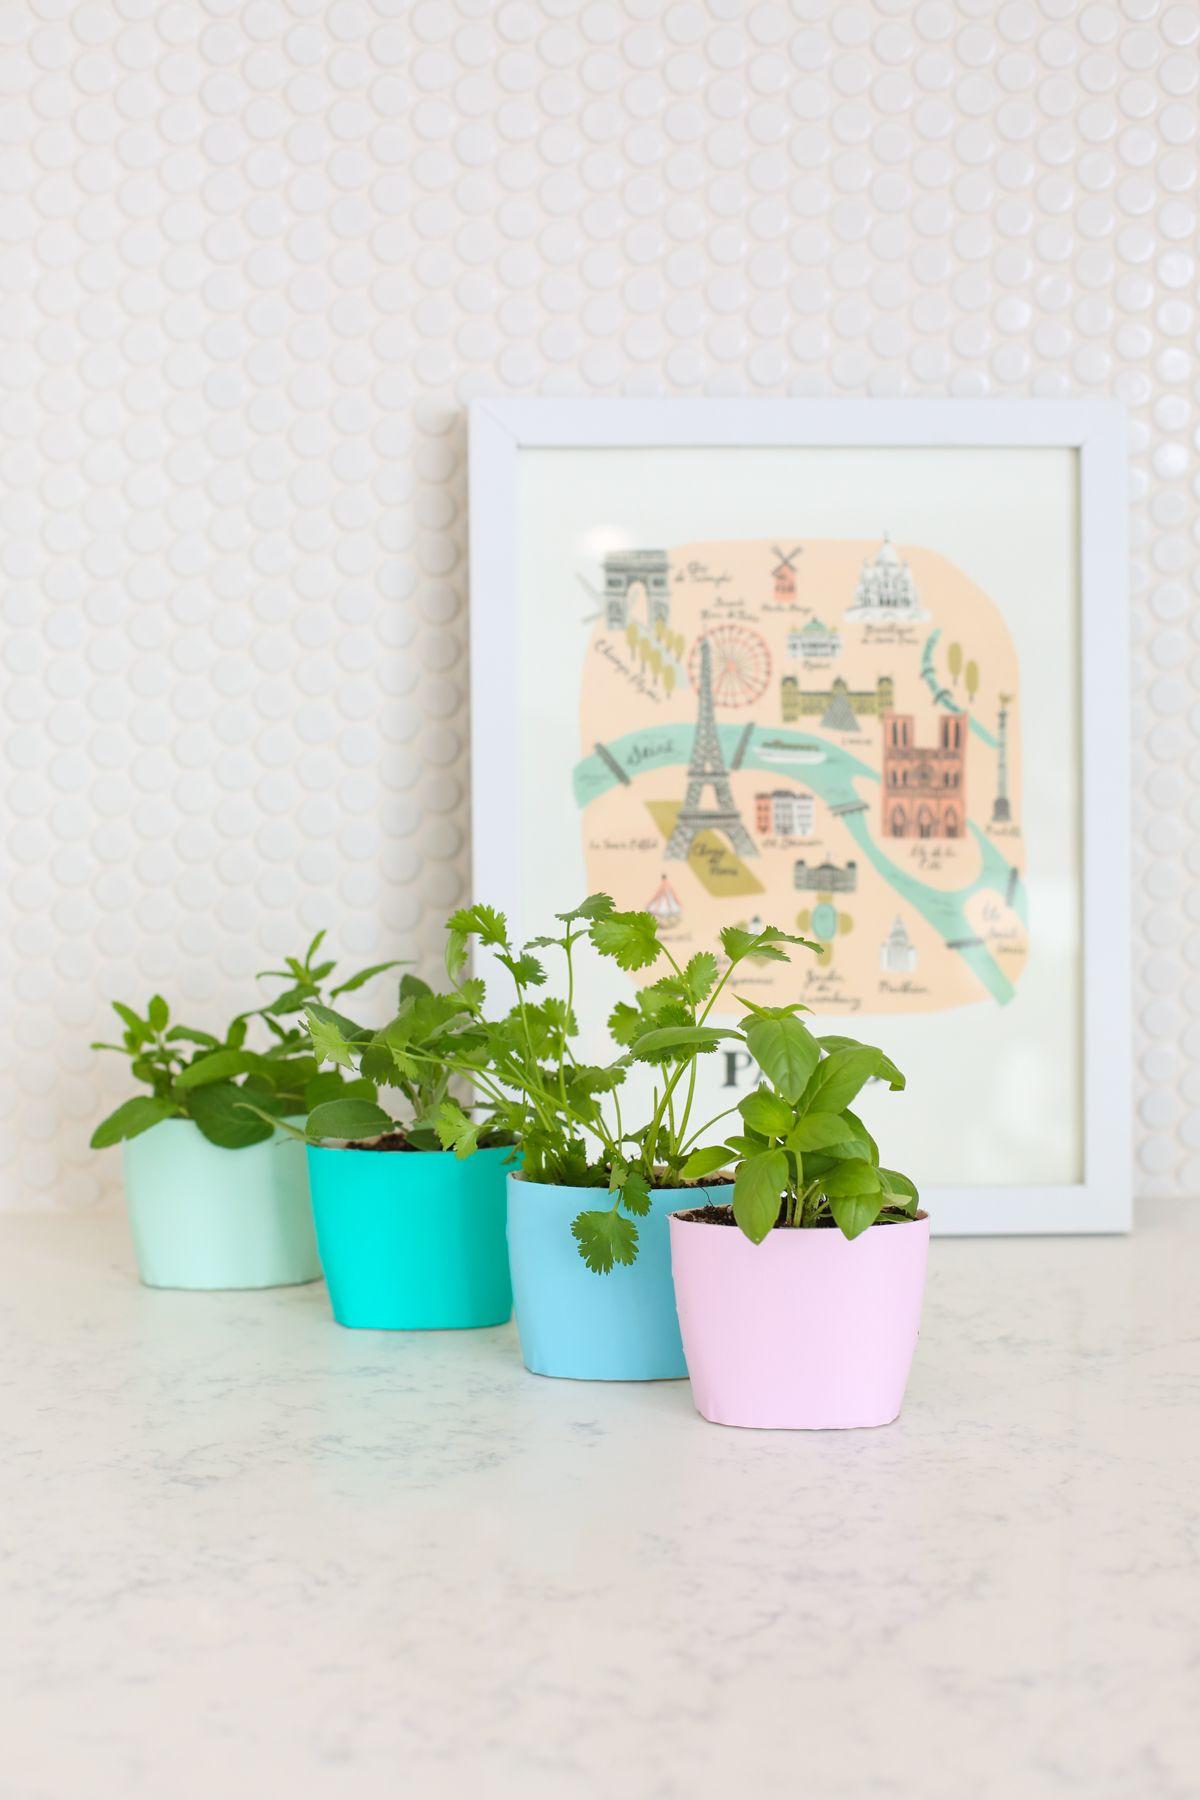 Pots de fleurs en dgrad de couleurs ombre flower pots diy pots de fleurs en dgrad de couleurs ombre flower pots mightylinksfo